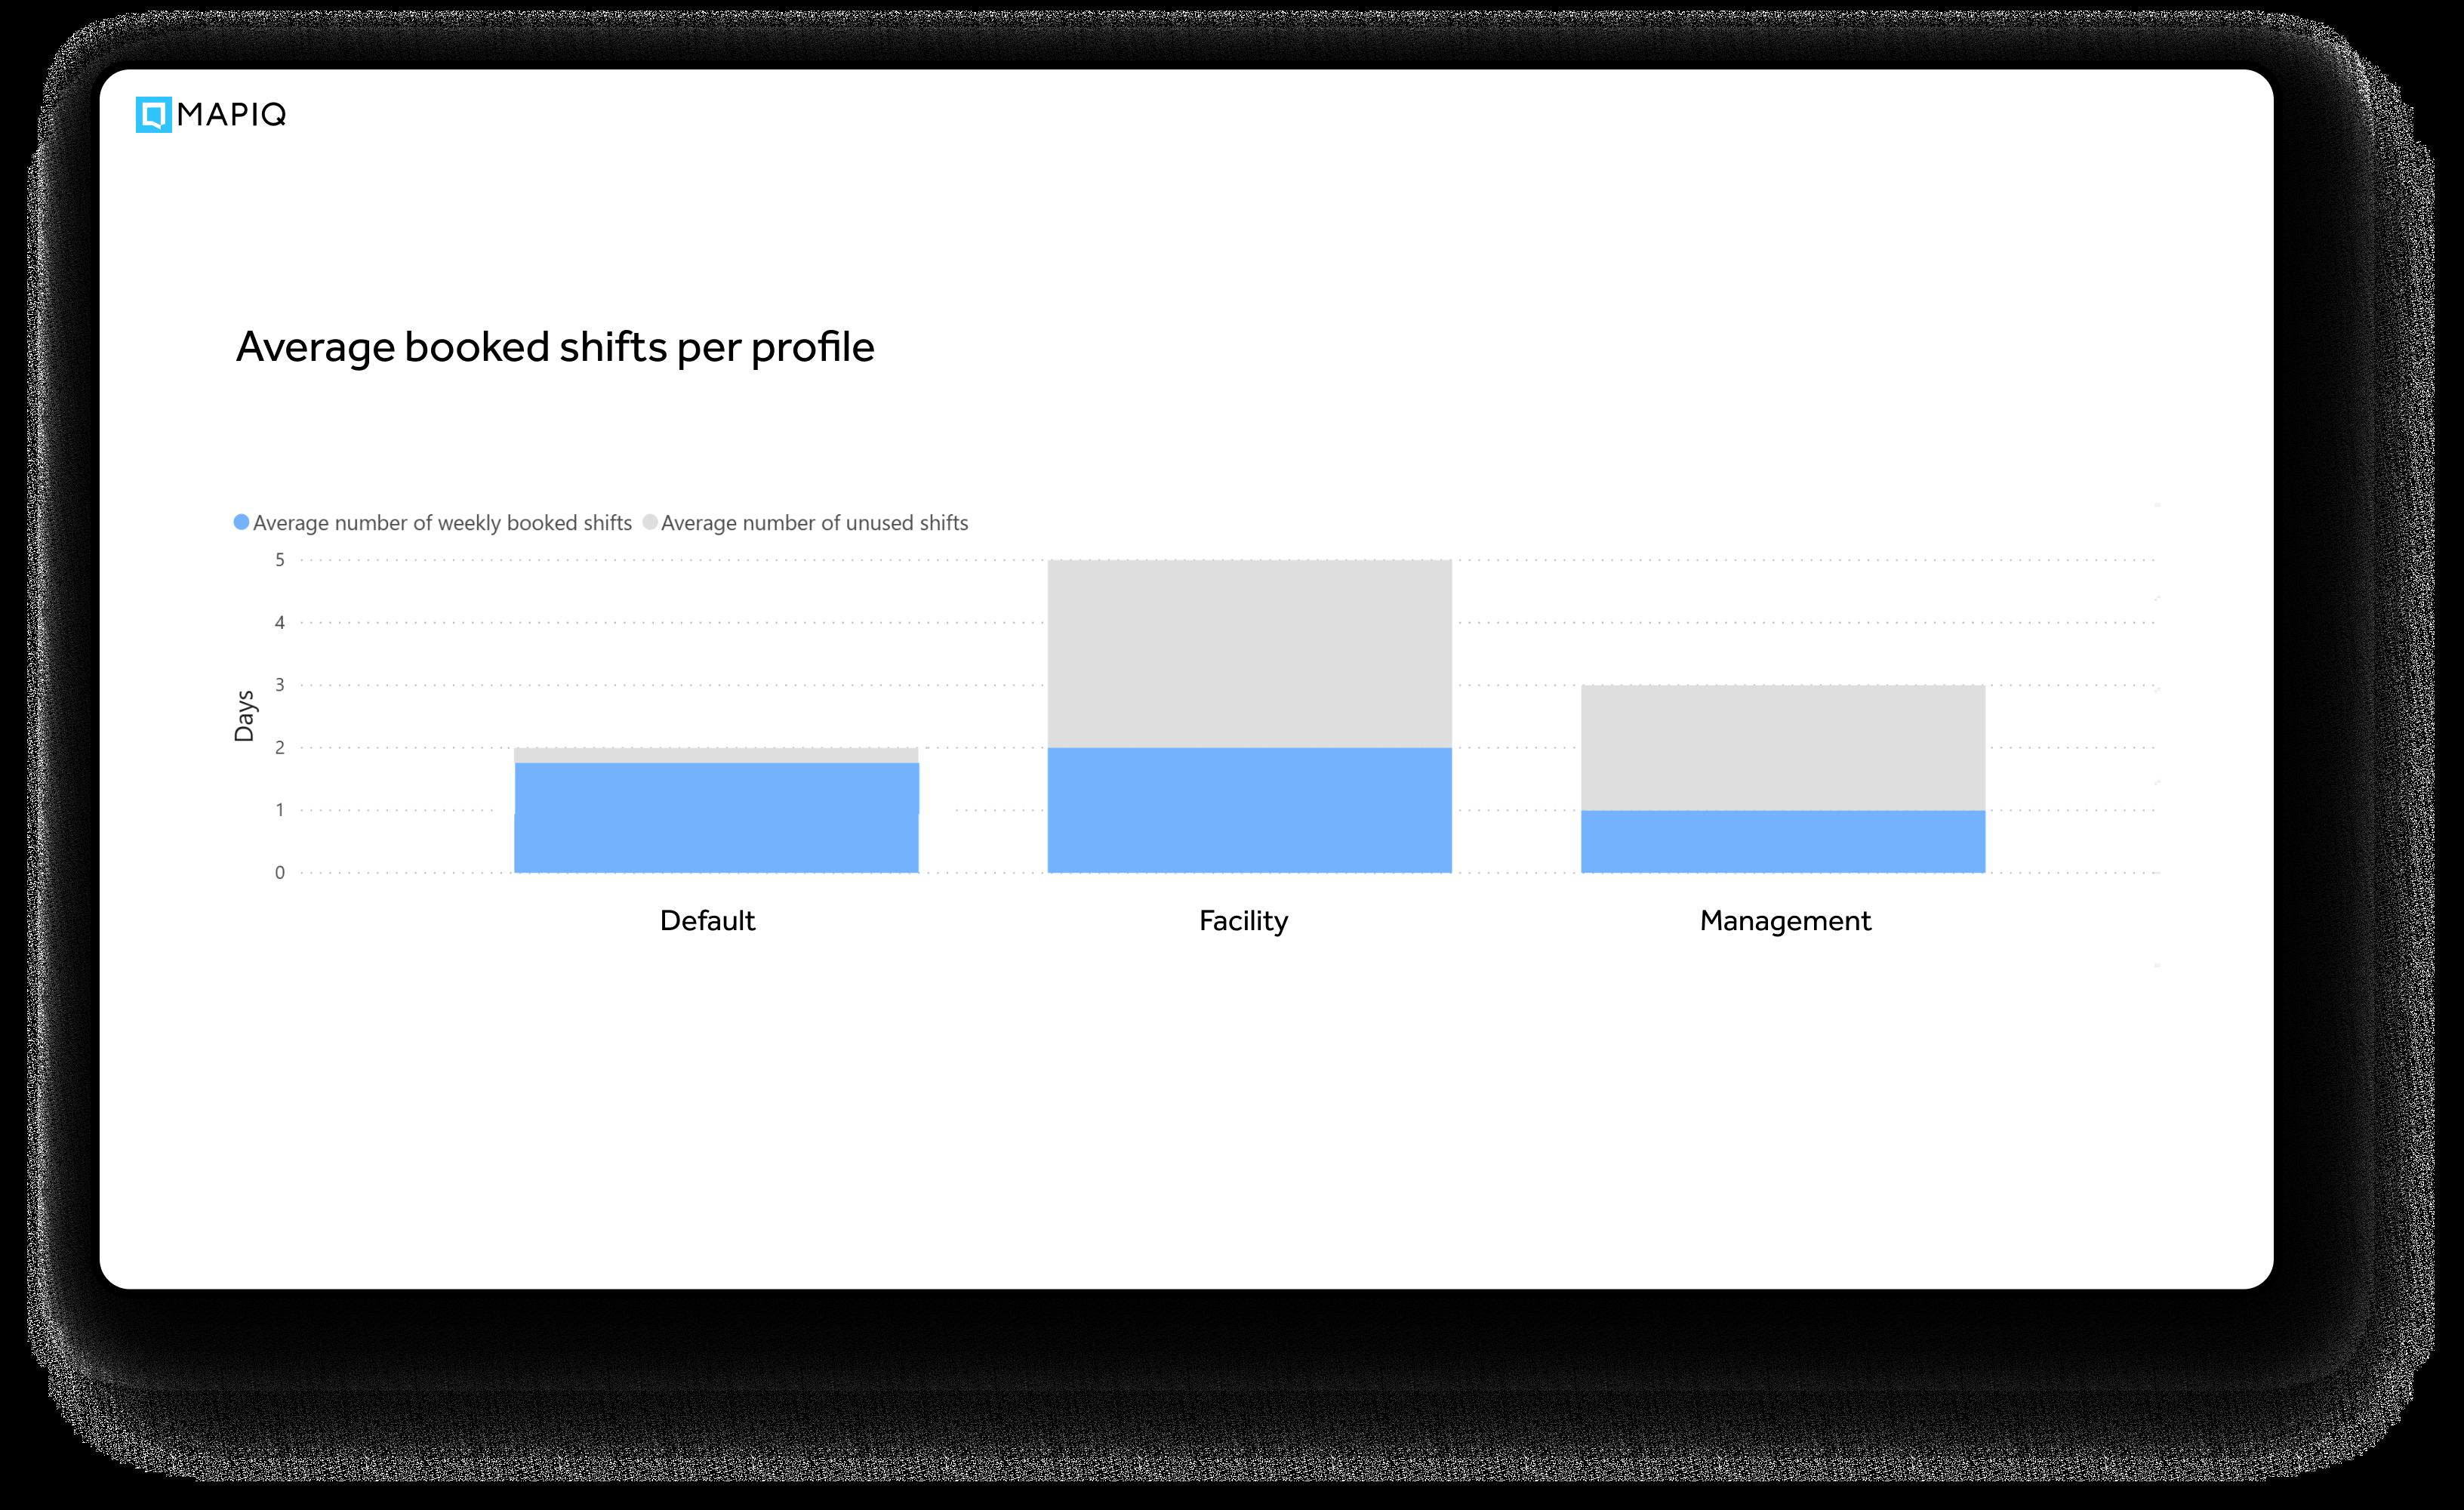 Average booked shift per profile